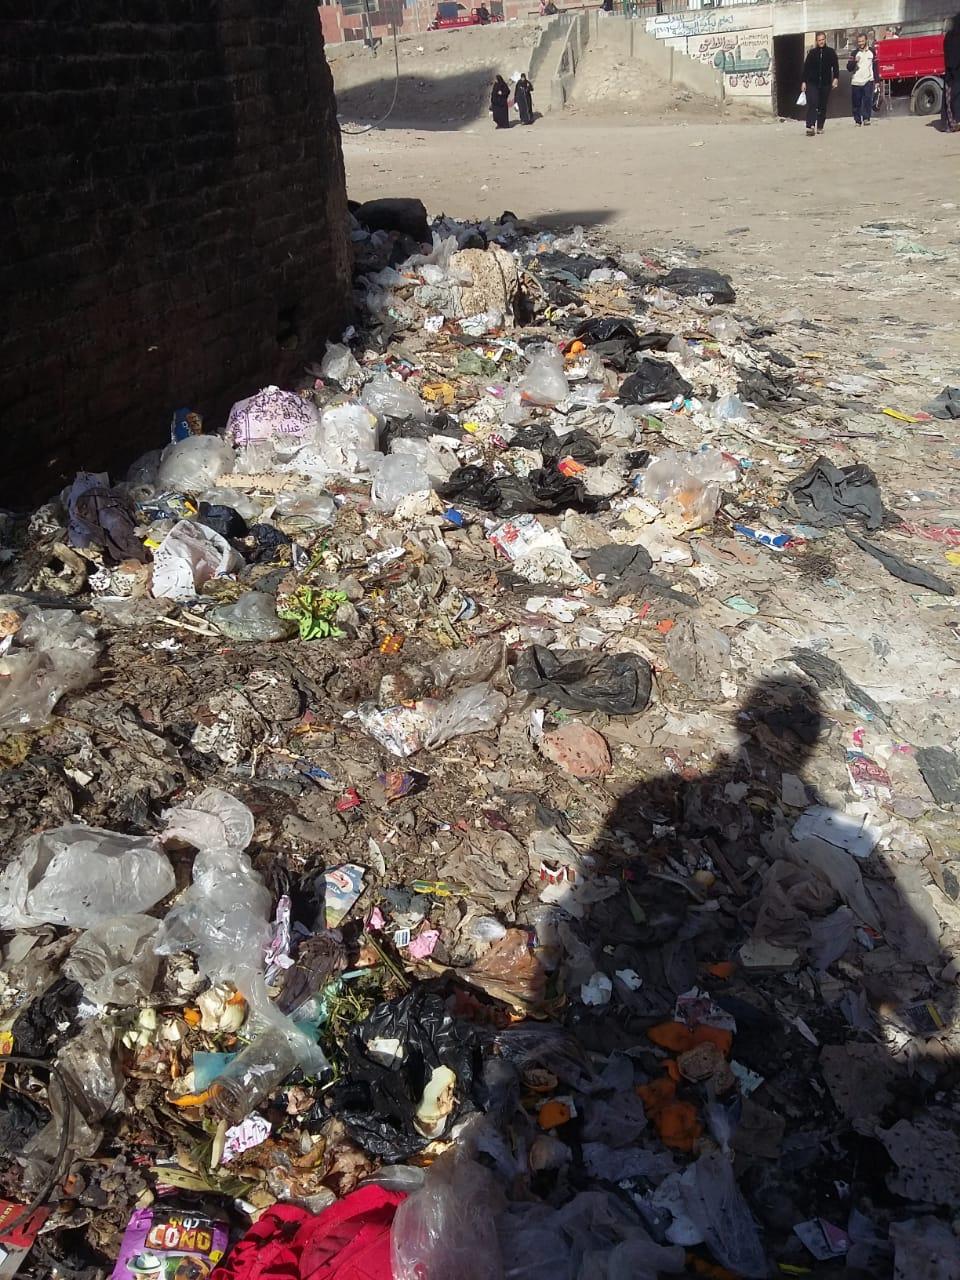 تراكم القمامة بمحيط بنزينة توتال دائرى المرج ينذر بكارثة   (4)